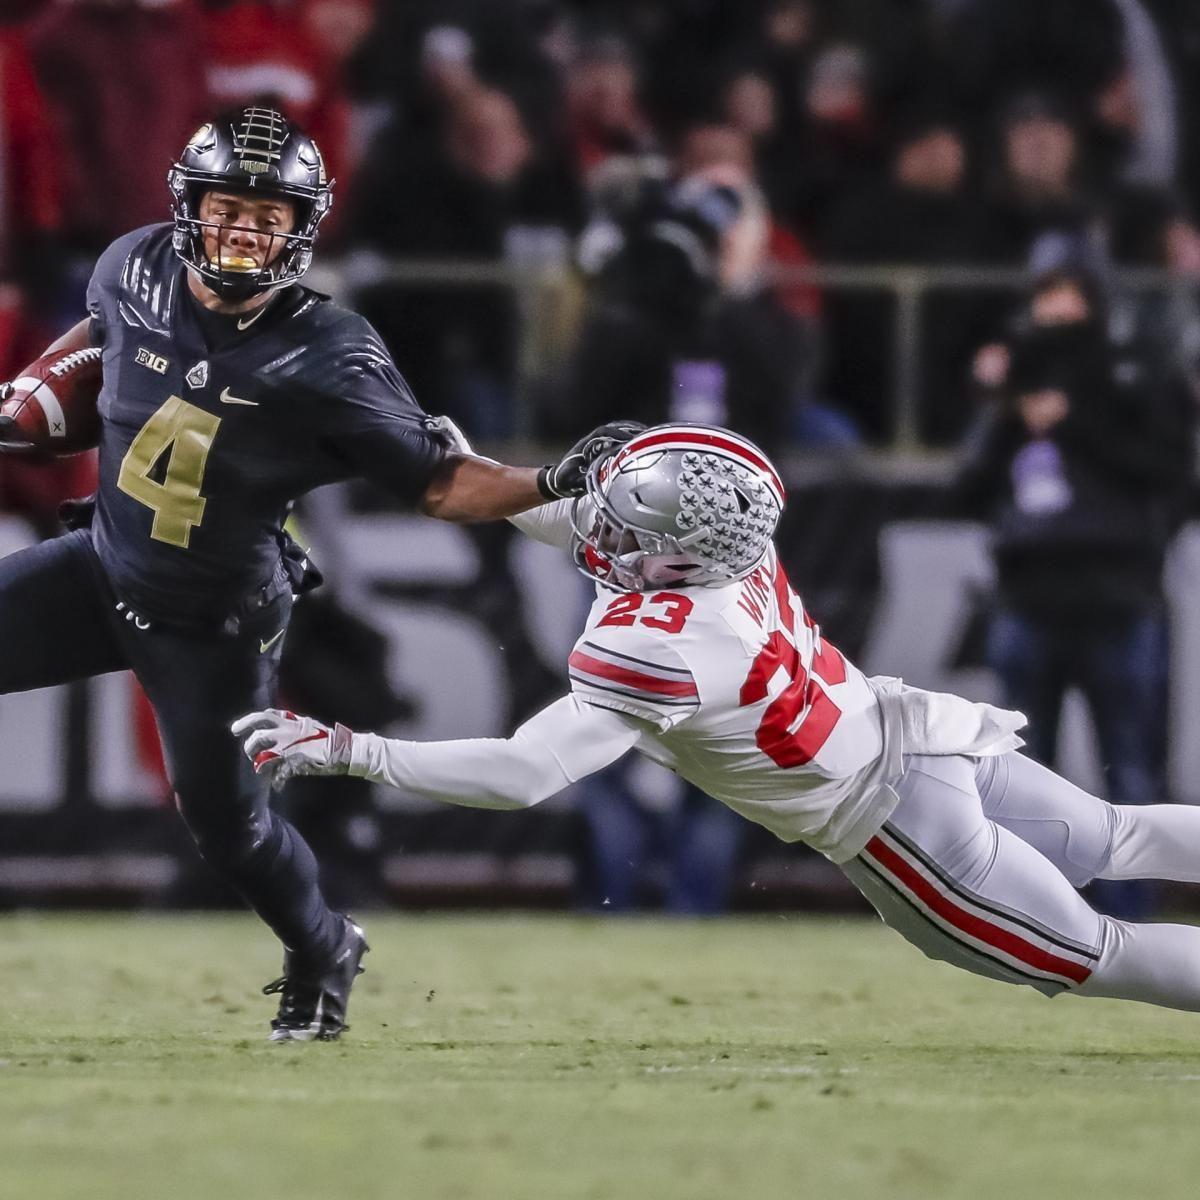 AP College Football Poll 2018: Week 9 Top 25 Rankings